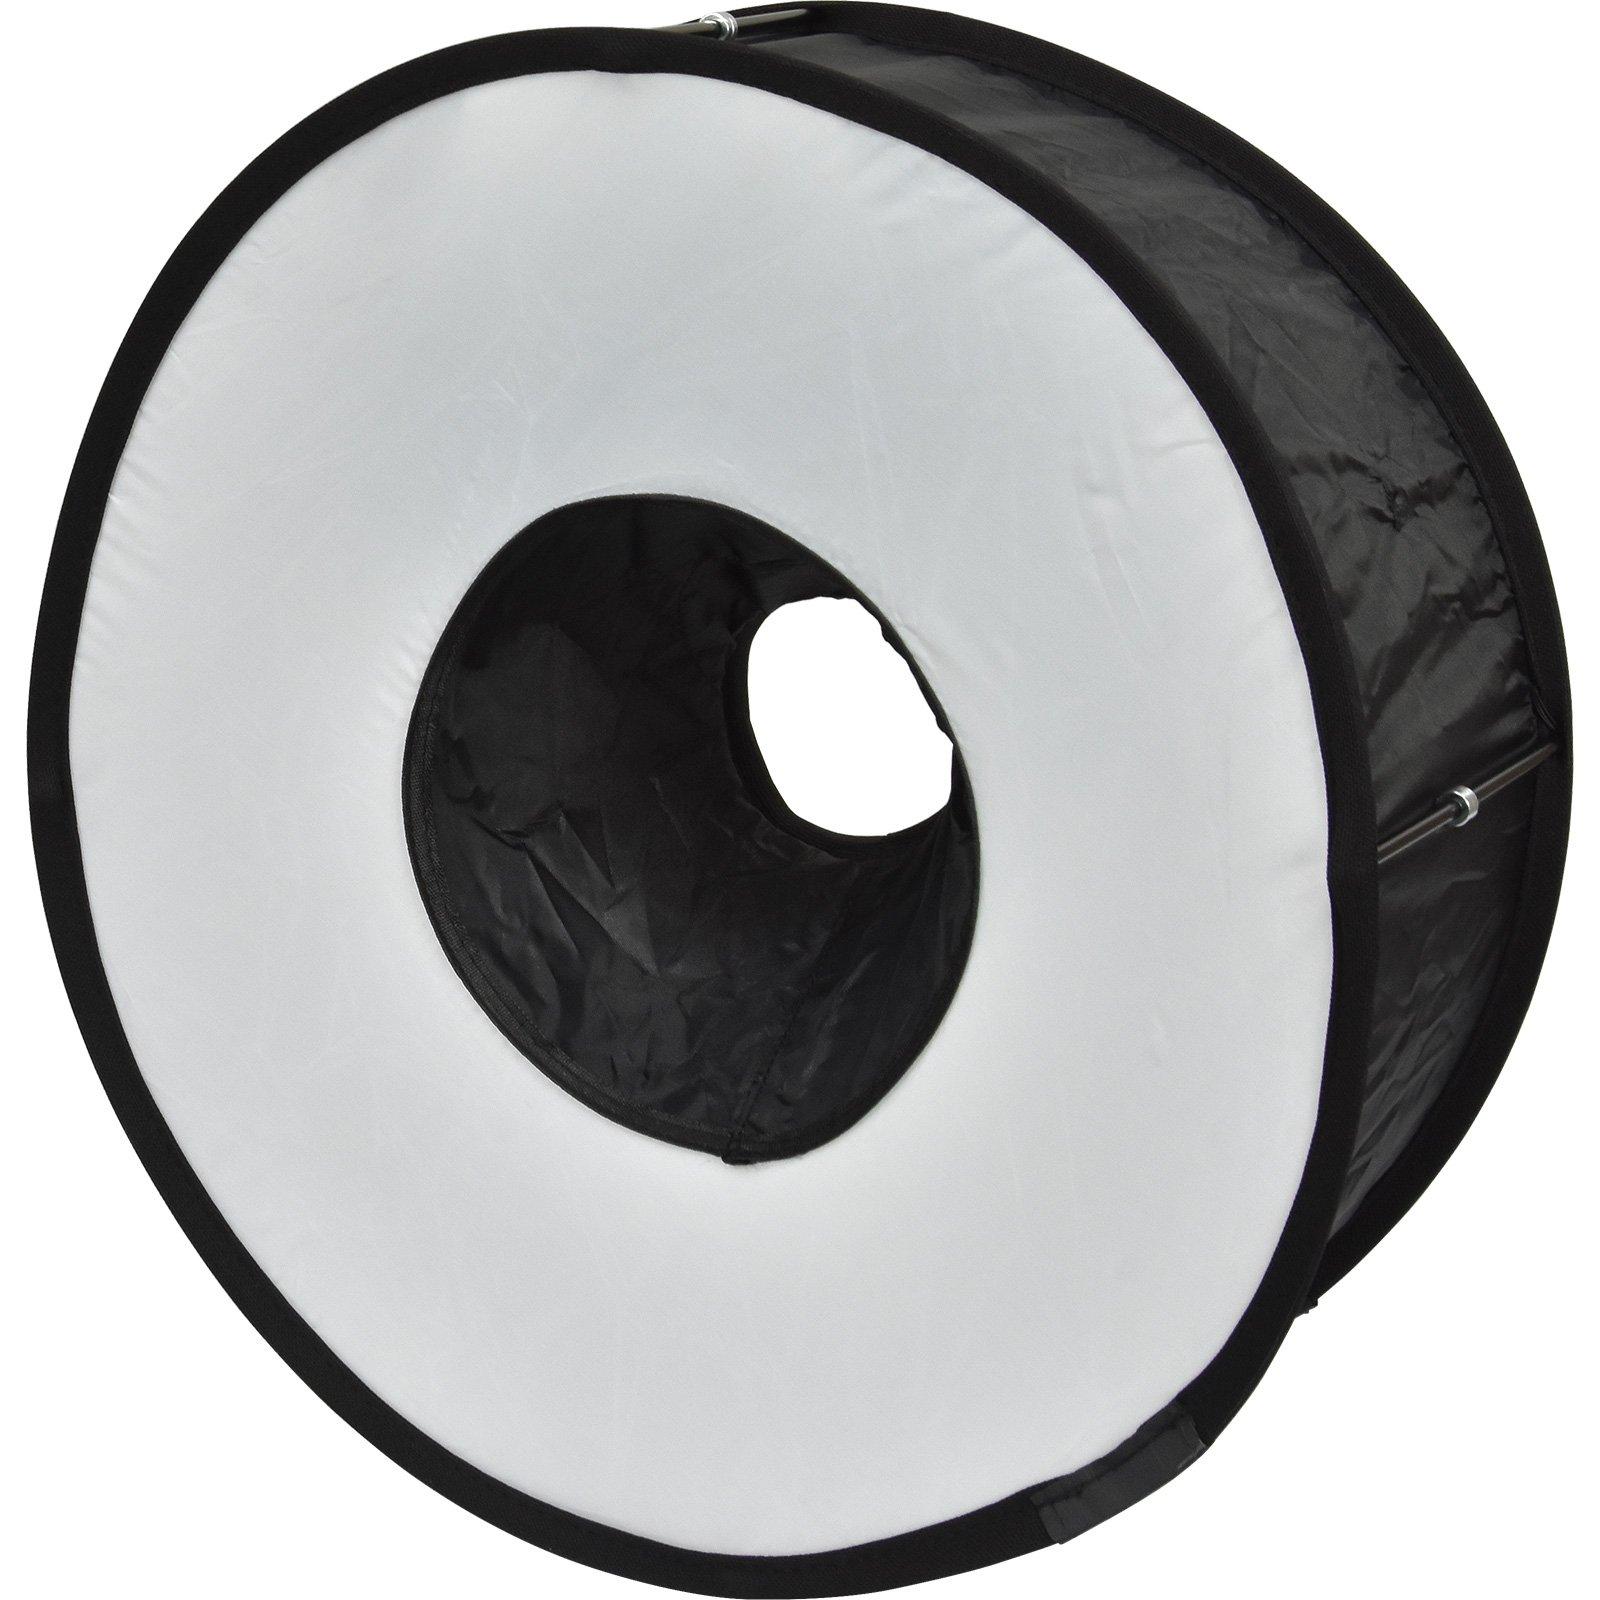 Precision Design PD-SBR Ring Soft Box Hot Shoe Flash Diffuser